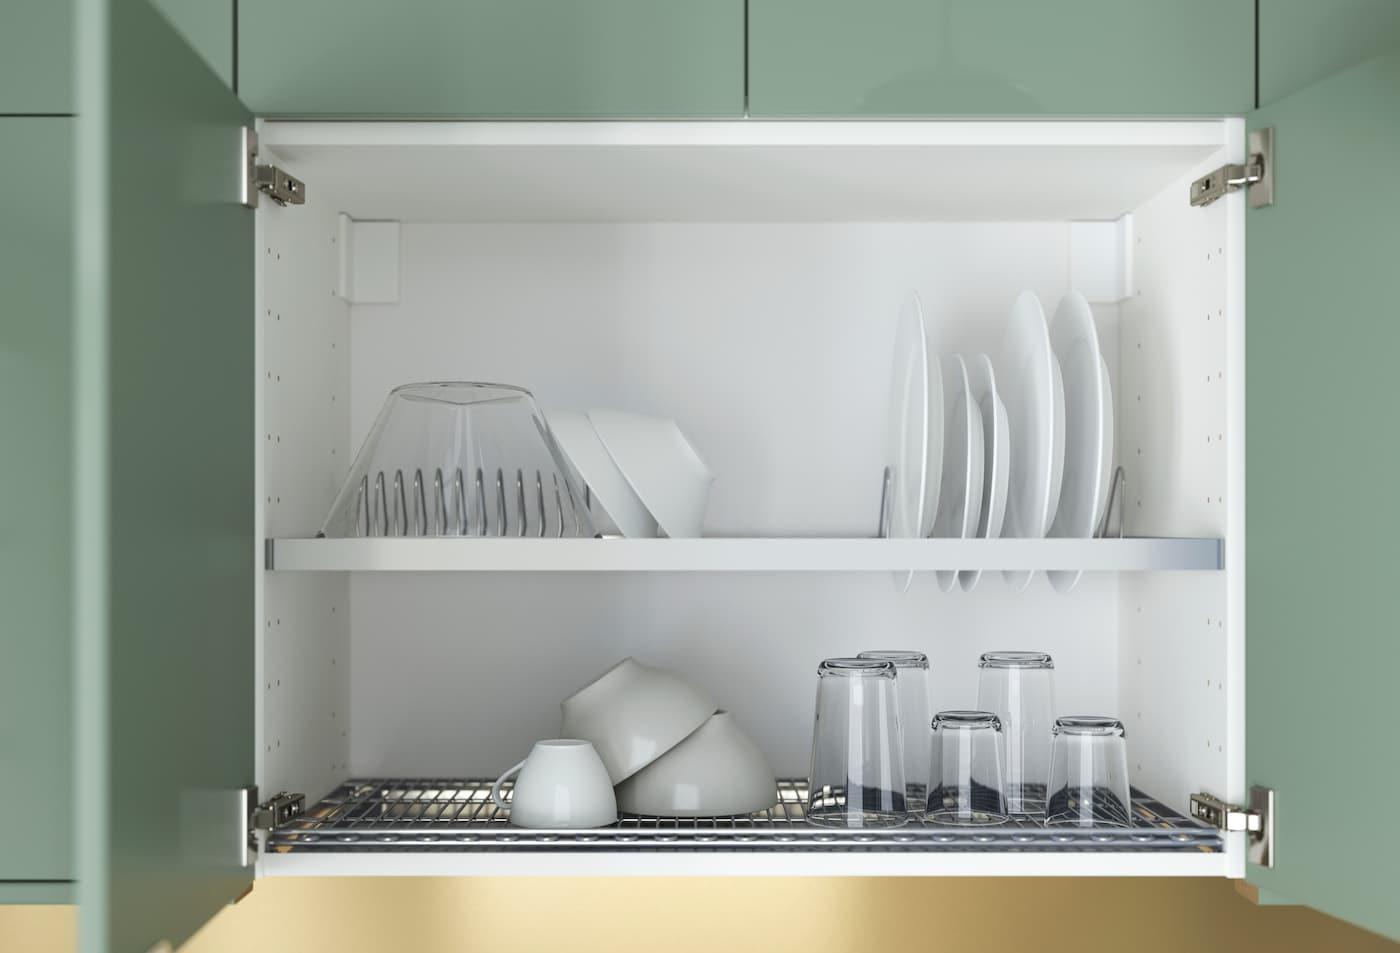 asas para armariada de cocina en ikea